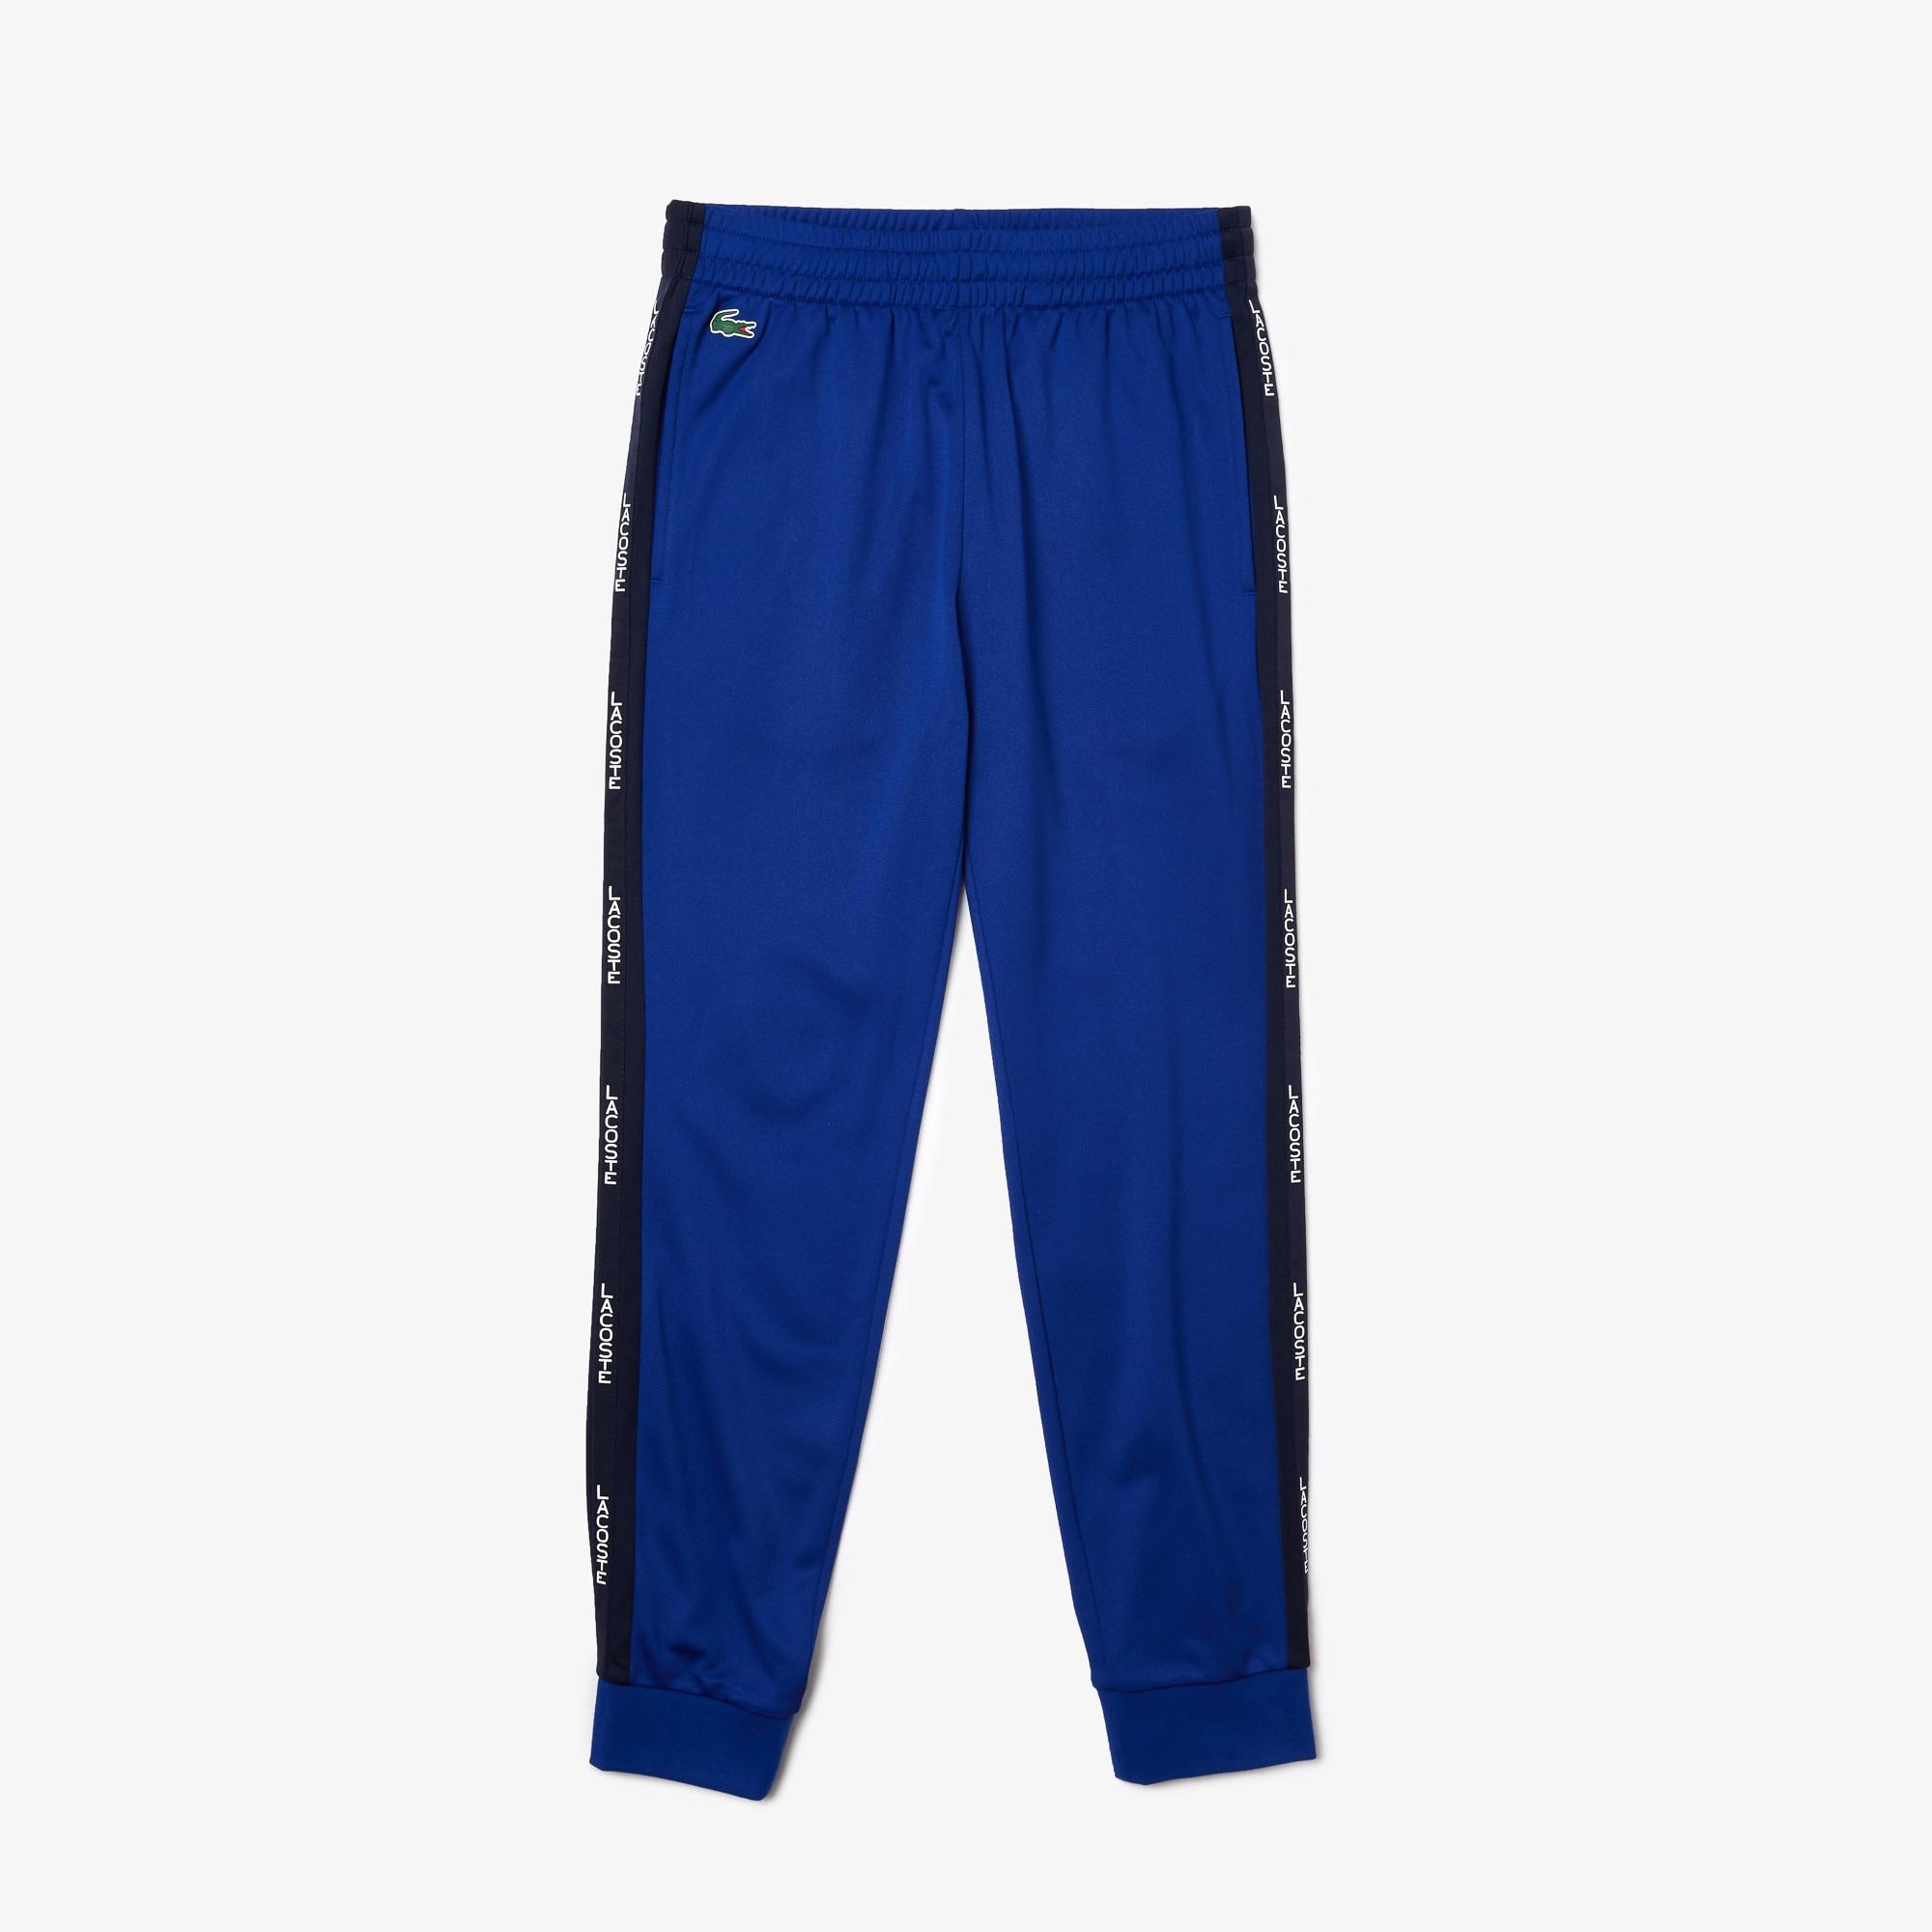 라코스테 스포츠 맨 조거 팬츠 Lacoste Mens SPORT Pique Jogging Pants